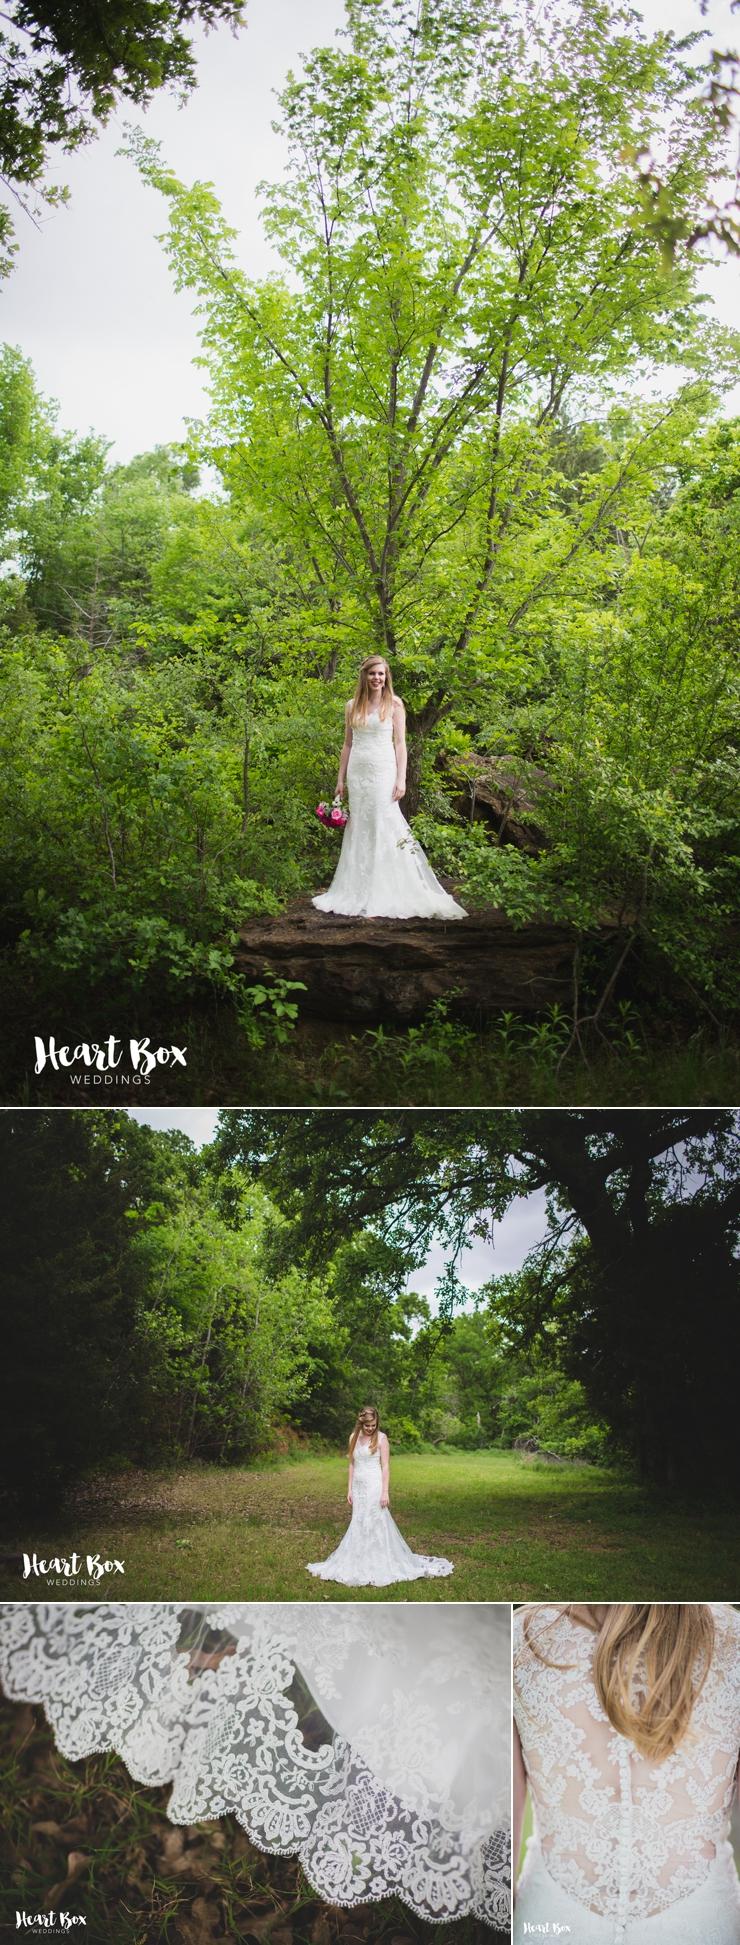 Sterling Bridal Blog Collages 5.jpg